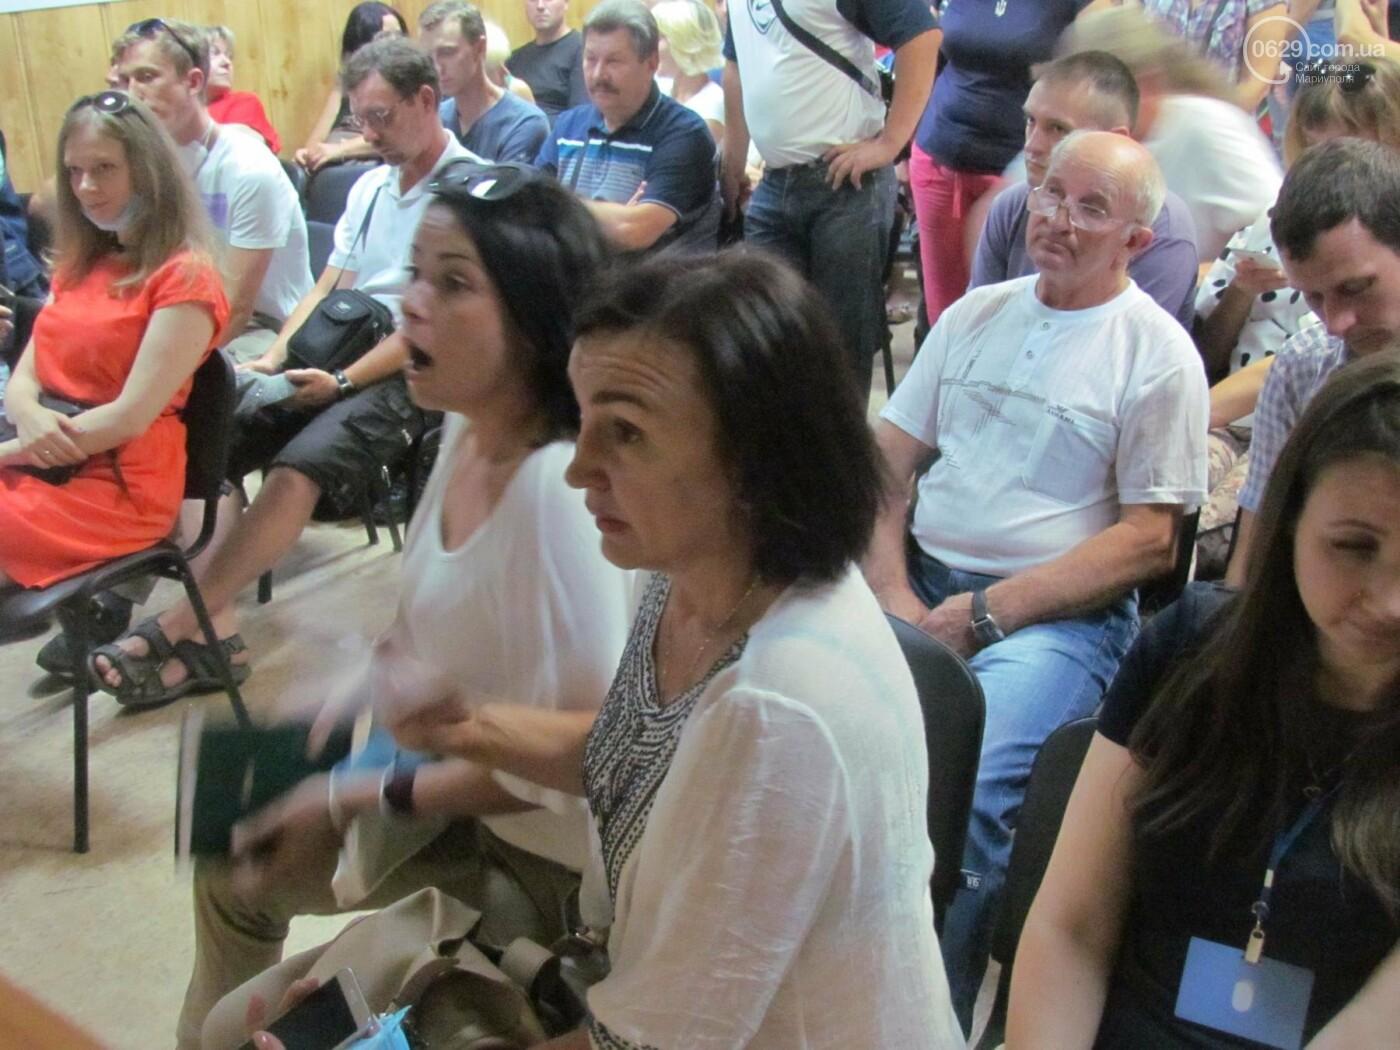 Шепотом и в духоте. Как «Метинвест» проводил общественные слушания для мариупольцев, - ФОТО+ВИДЕО, фото-8